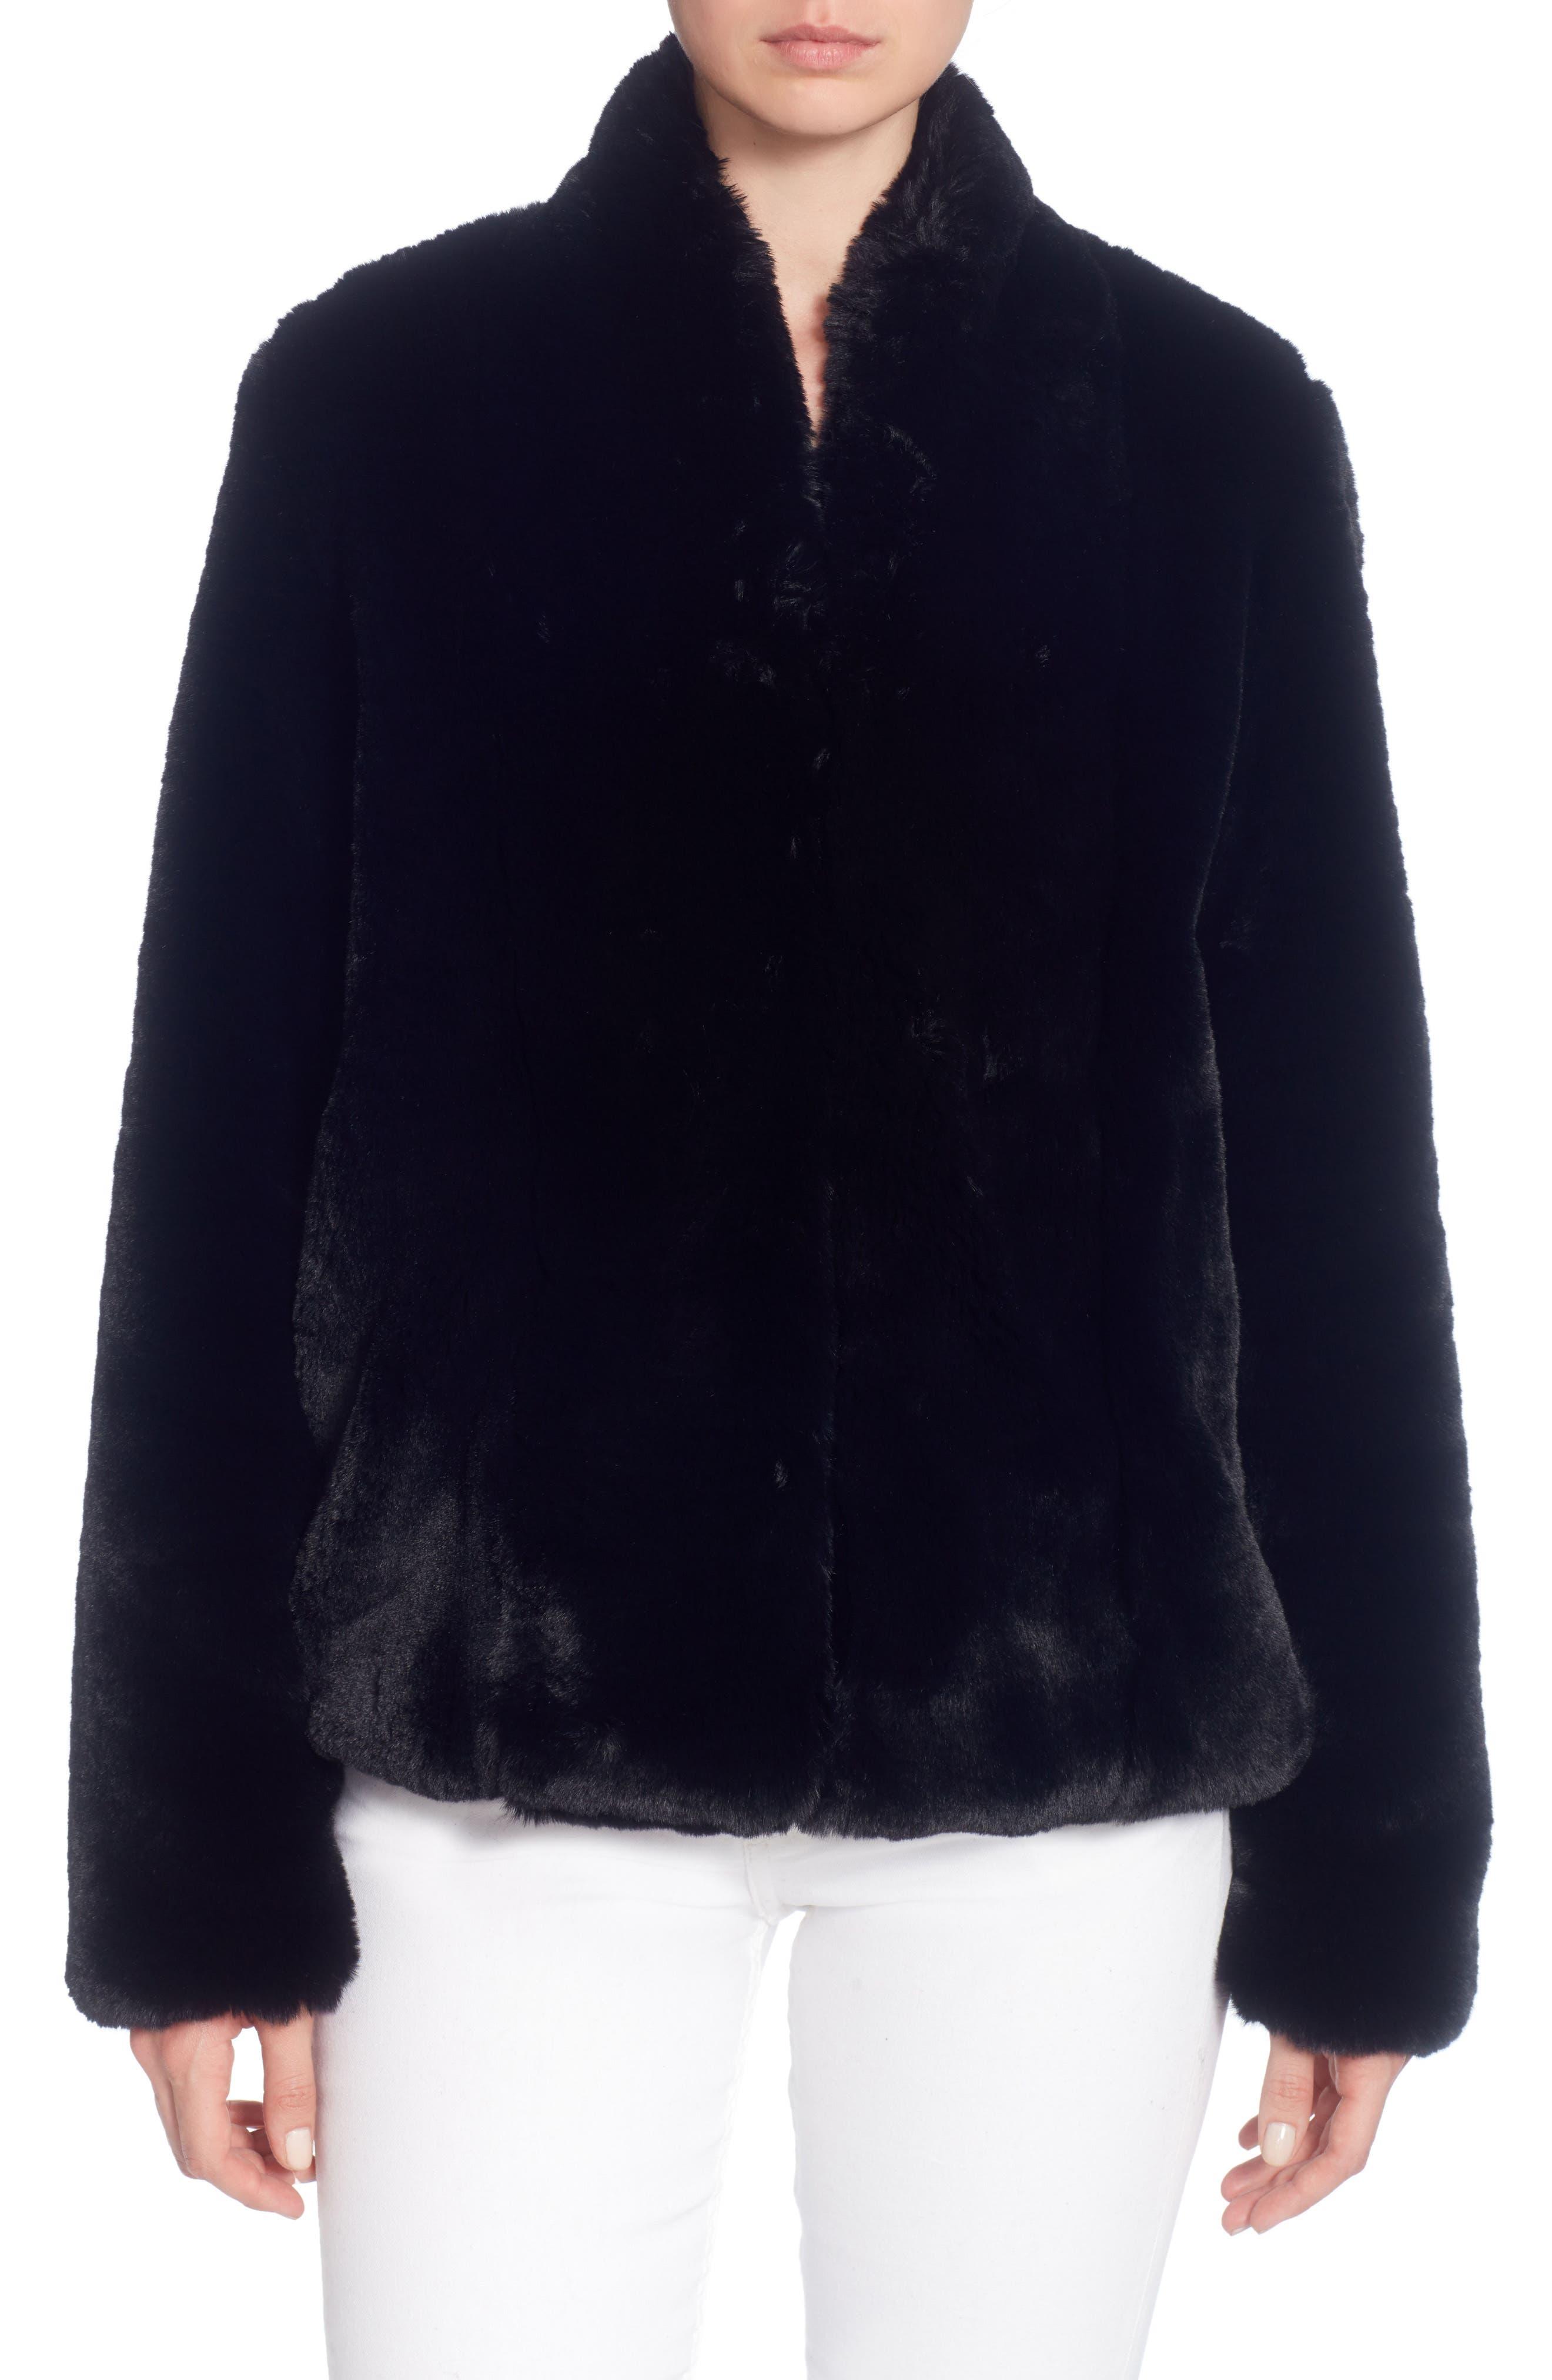 Catherine Catherine Malandrino Faux Fur Jacket